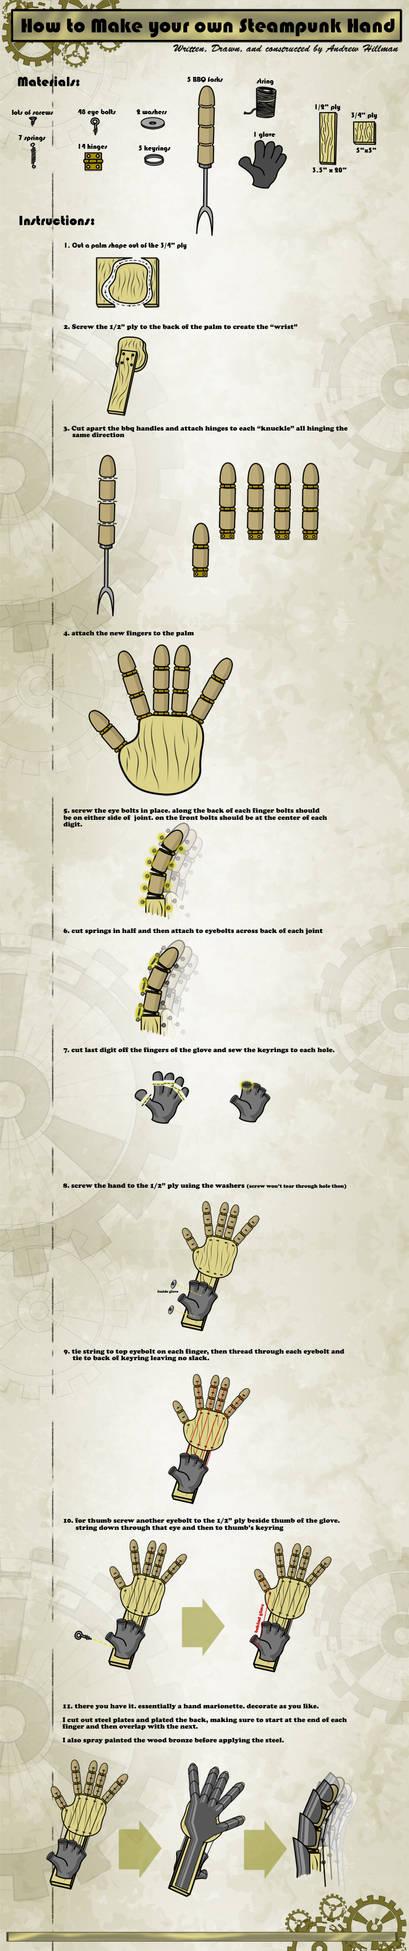 Steampunk Hand in Walkthrough